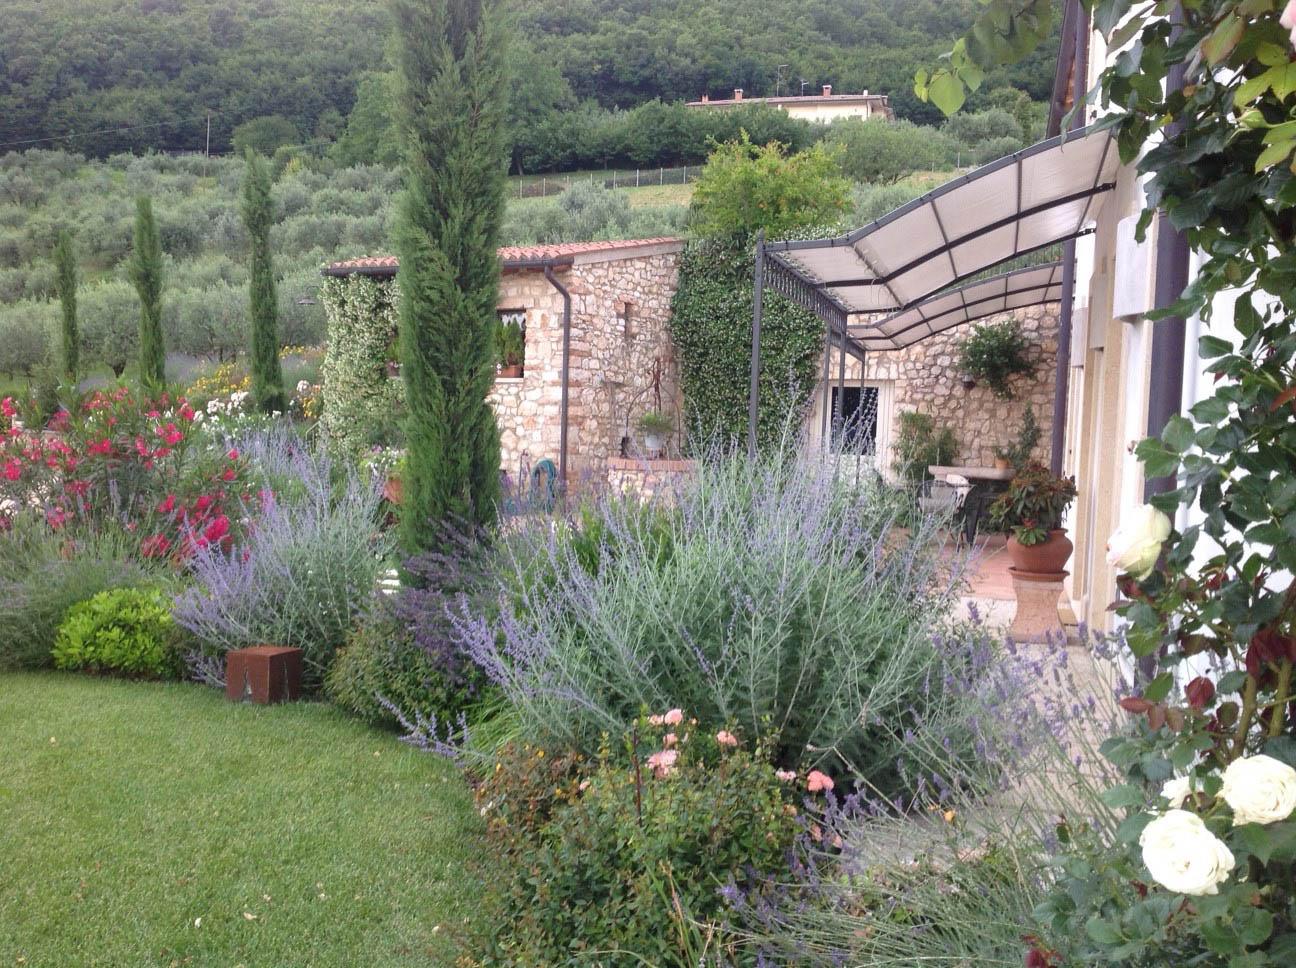 Bellamoli giardini giardini provenzali - Immagini di giardini di villette ...